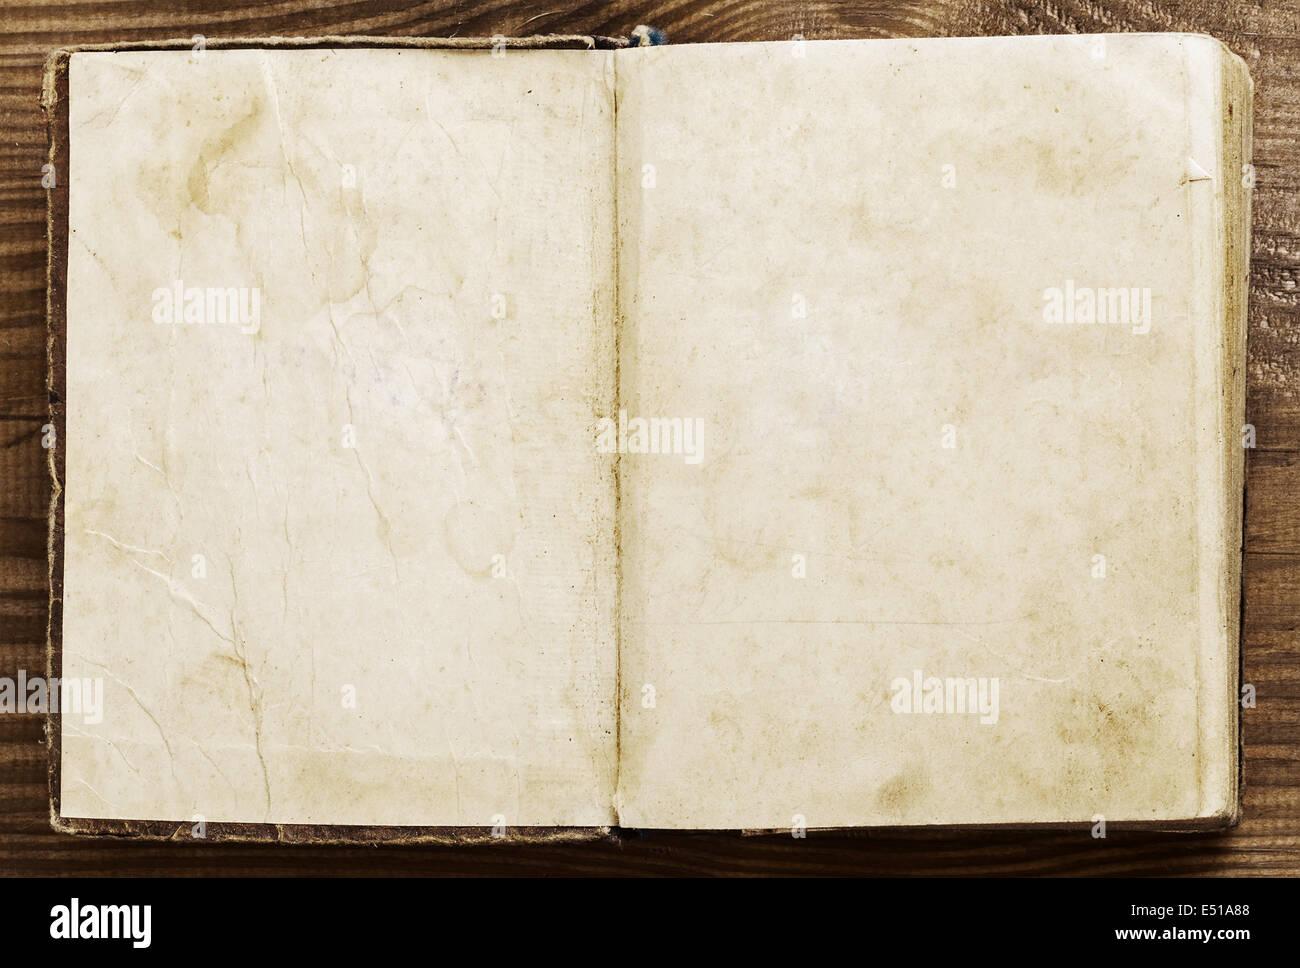 Atemberaubend Alte Papiervorlage Bilder - Dokumentationsvorlage ...